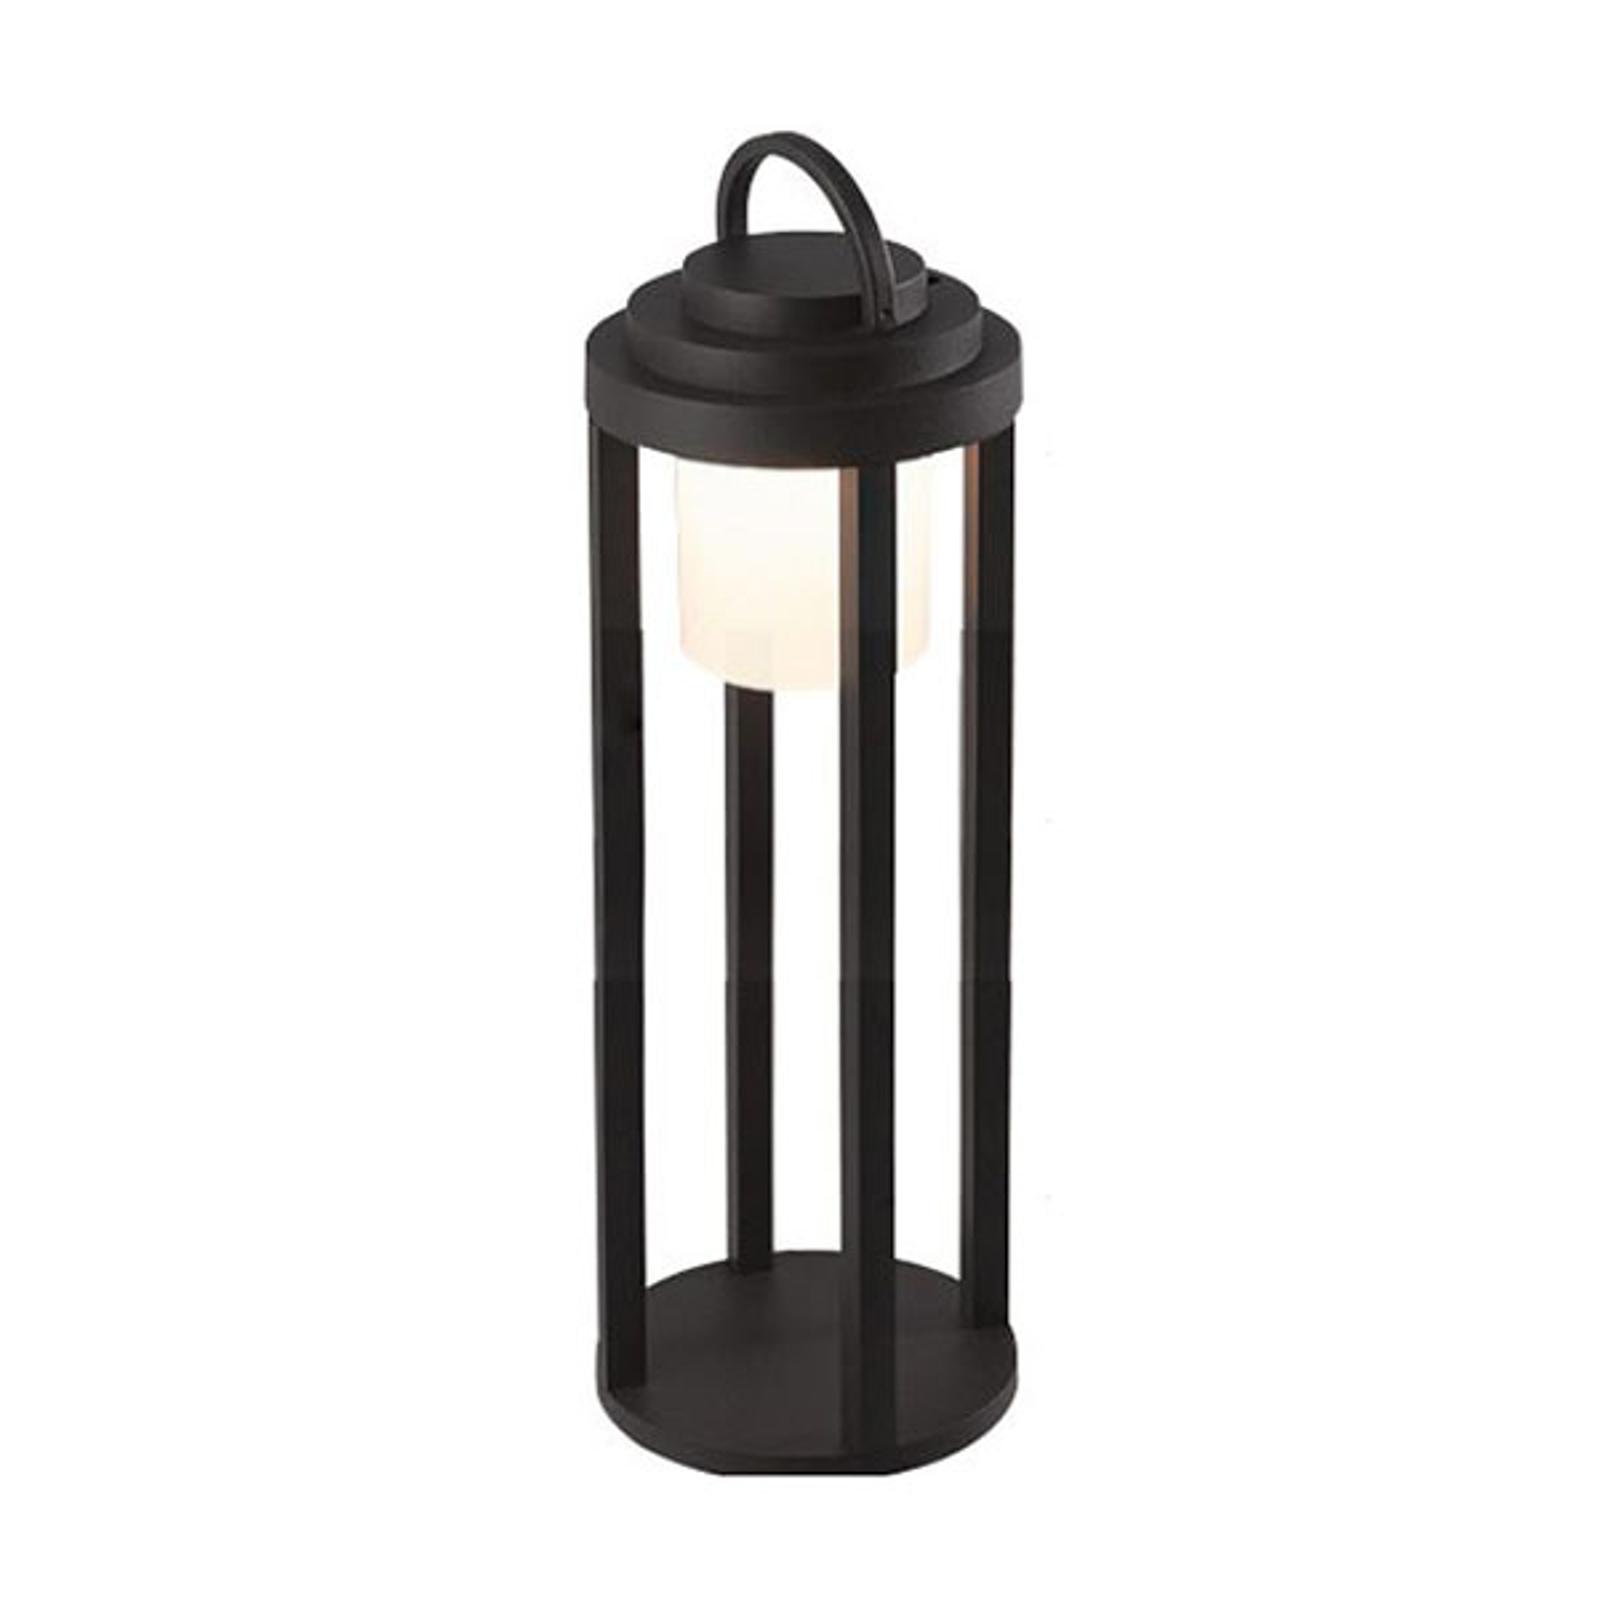 LED-Akkuaußenleuchte Kalimnos, schwarz, 50 cm